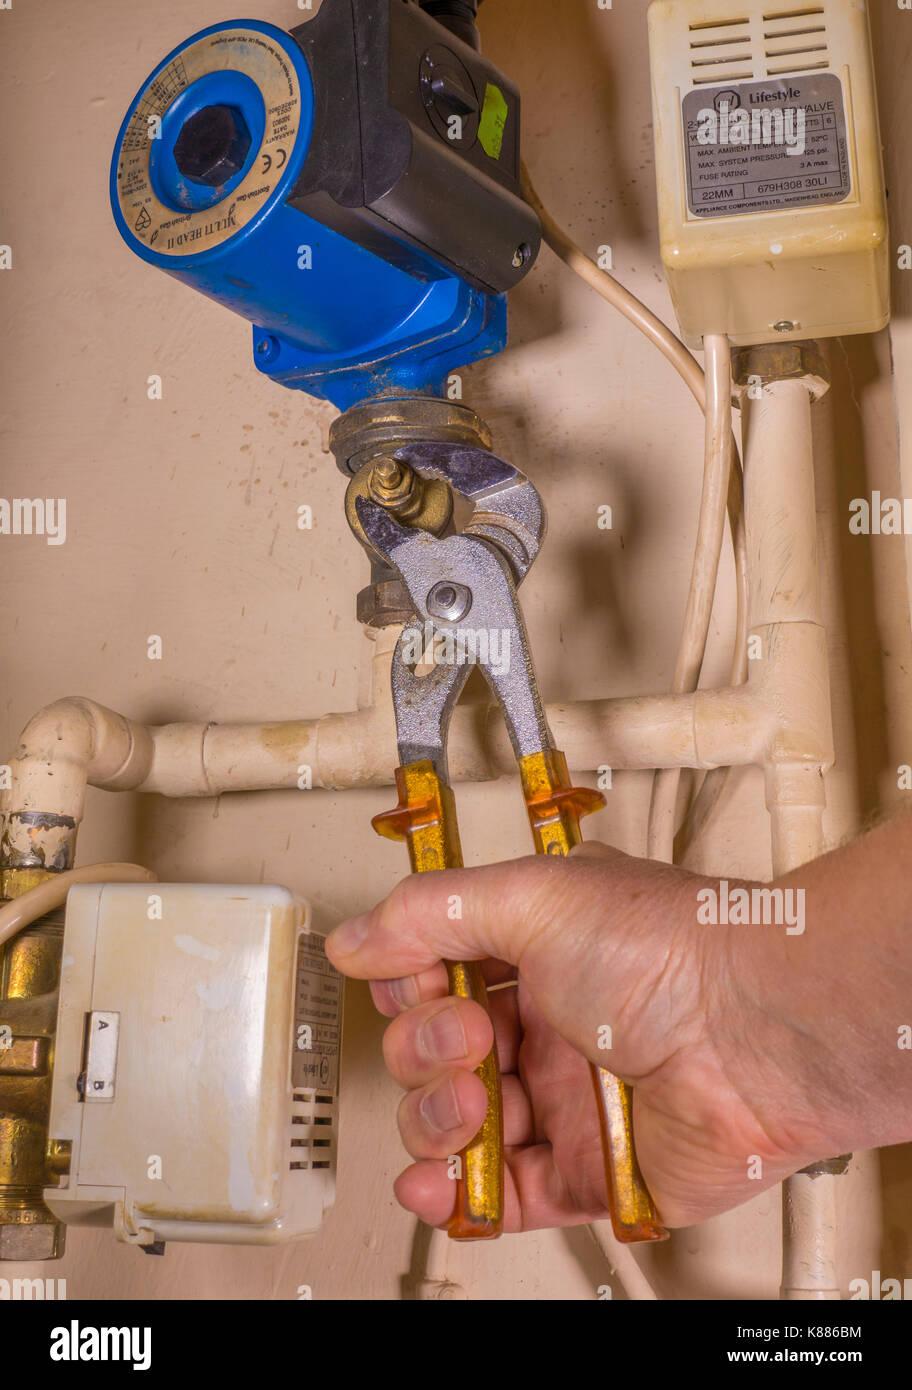 Un idraulico funzionante in un armadio di aerazione, utilizzando una chiave regolabile per lavorare su un difetto di riscaldamento centrale della pompa. Inghilterra, Regno Unito. Immagini Stock